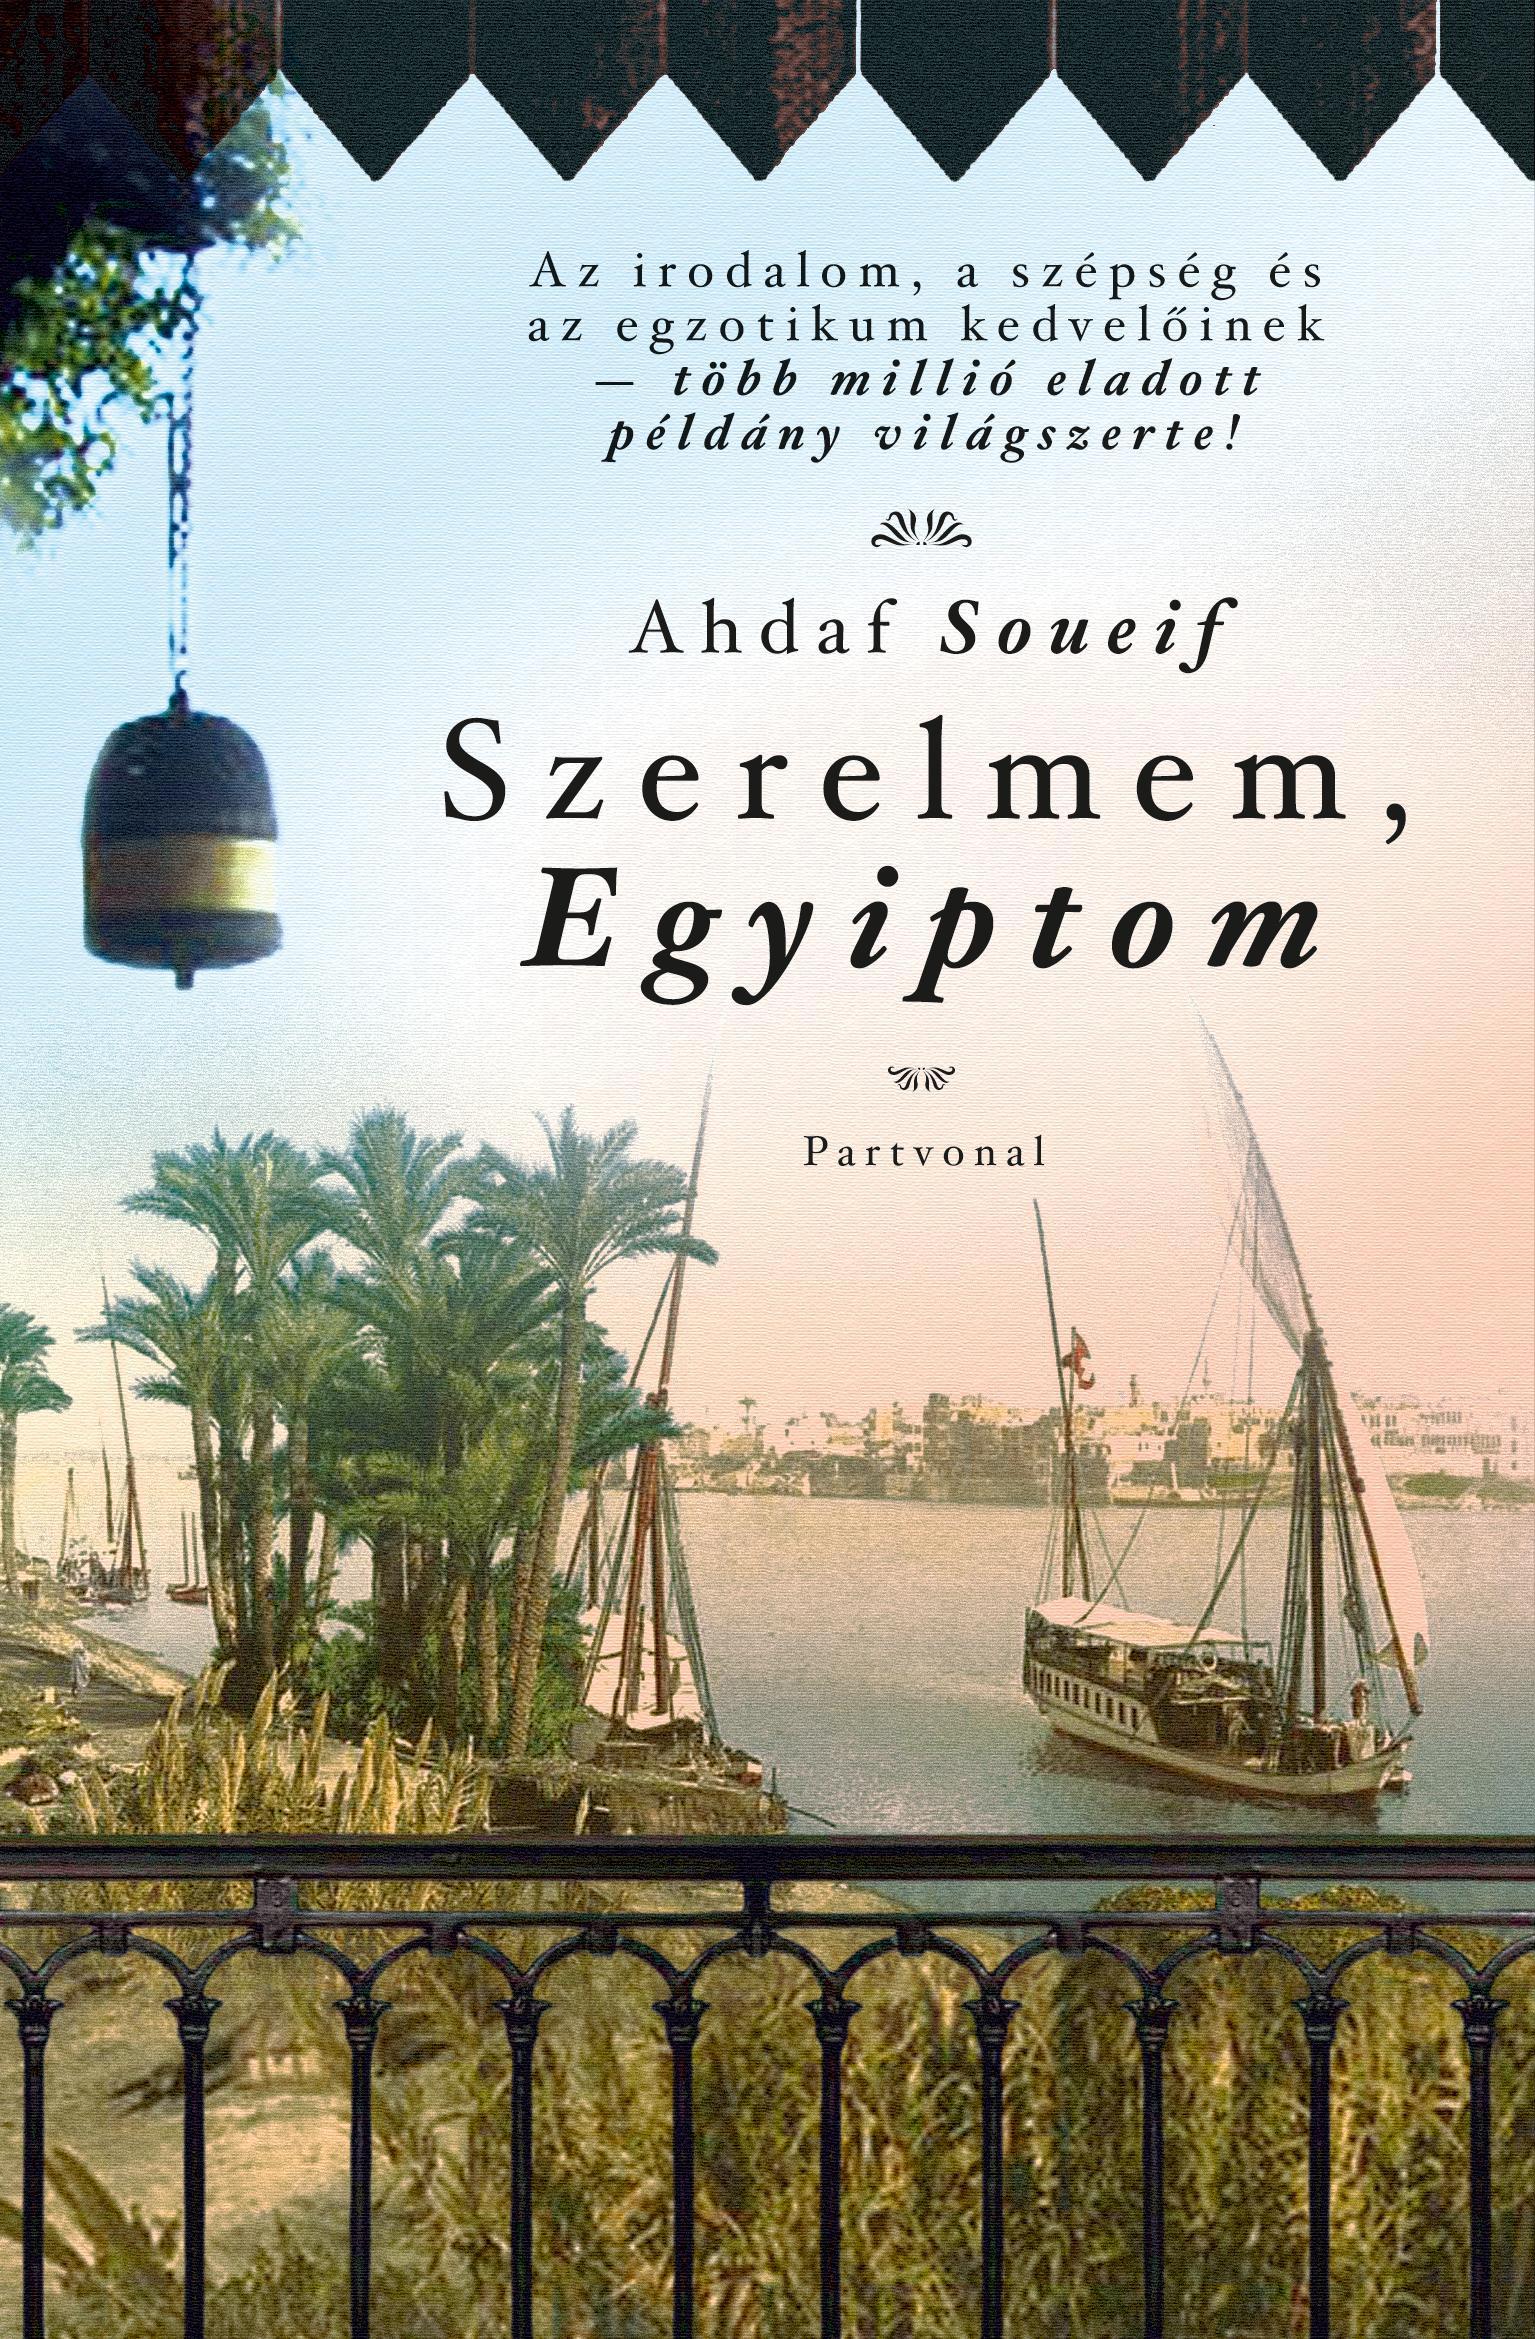 Ahdaf Soueif: Szerelmem, Egyiptom